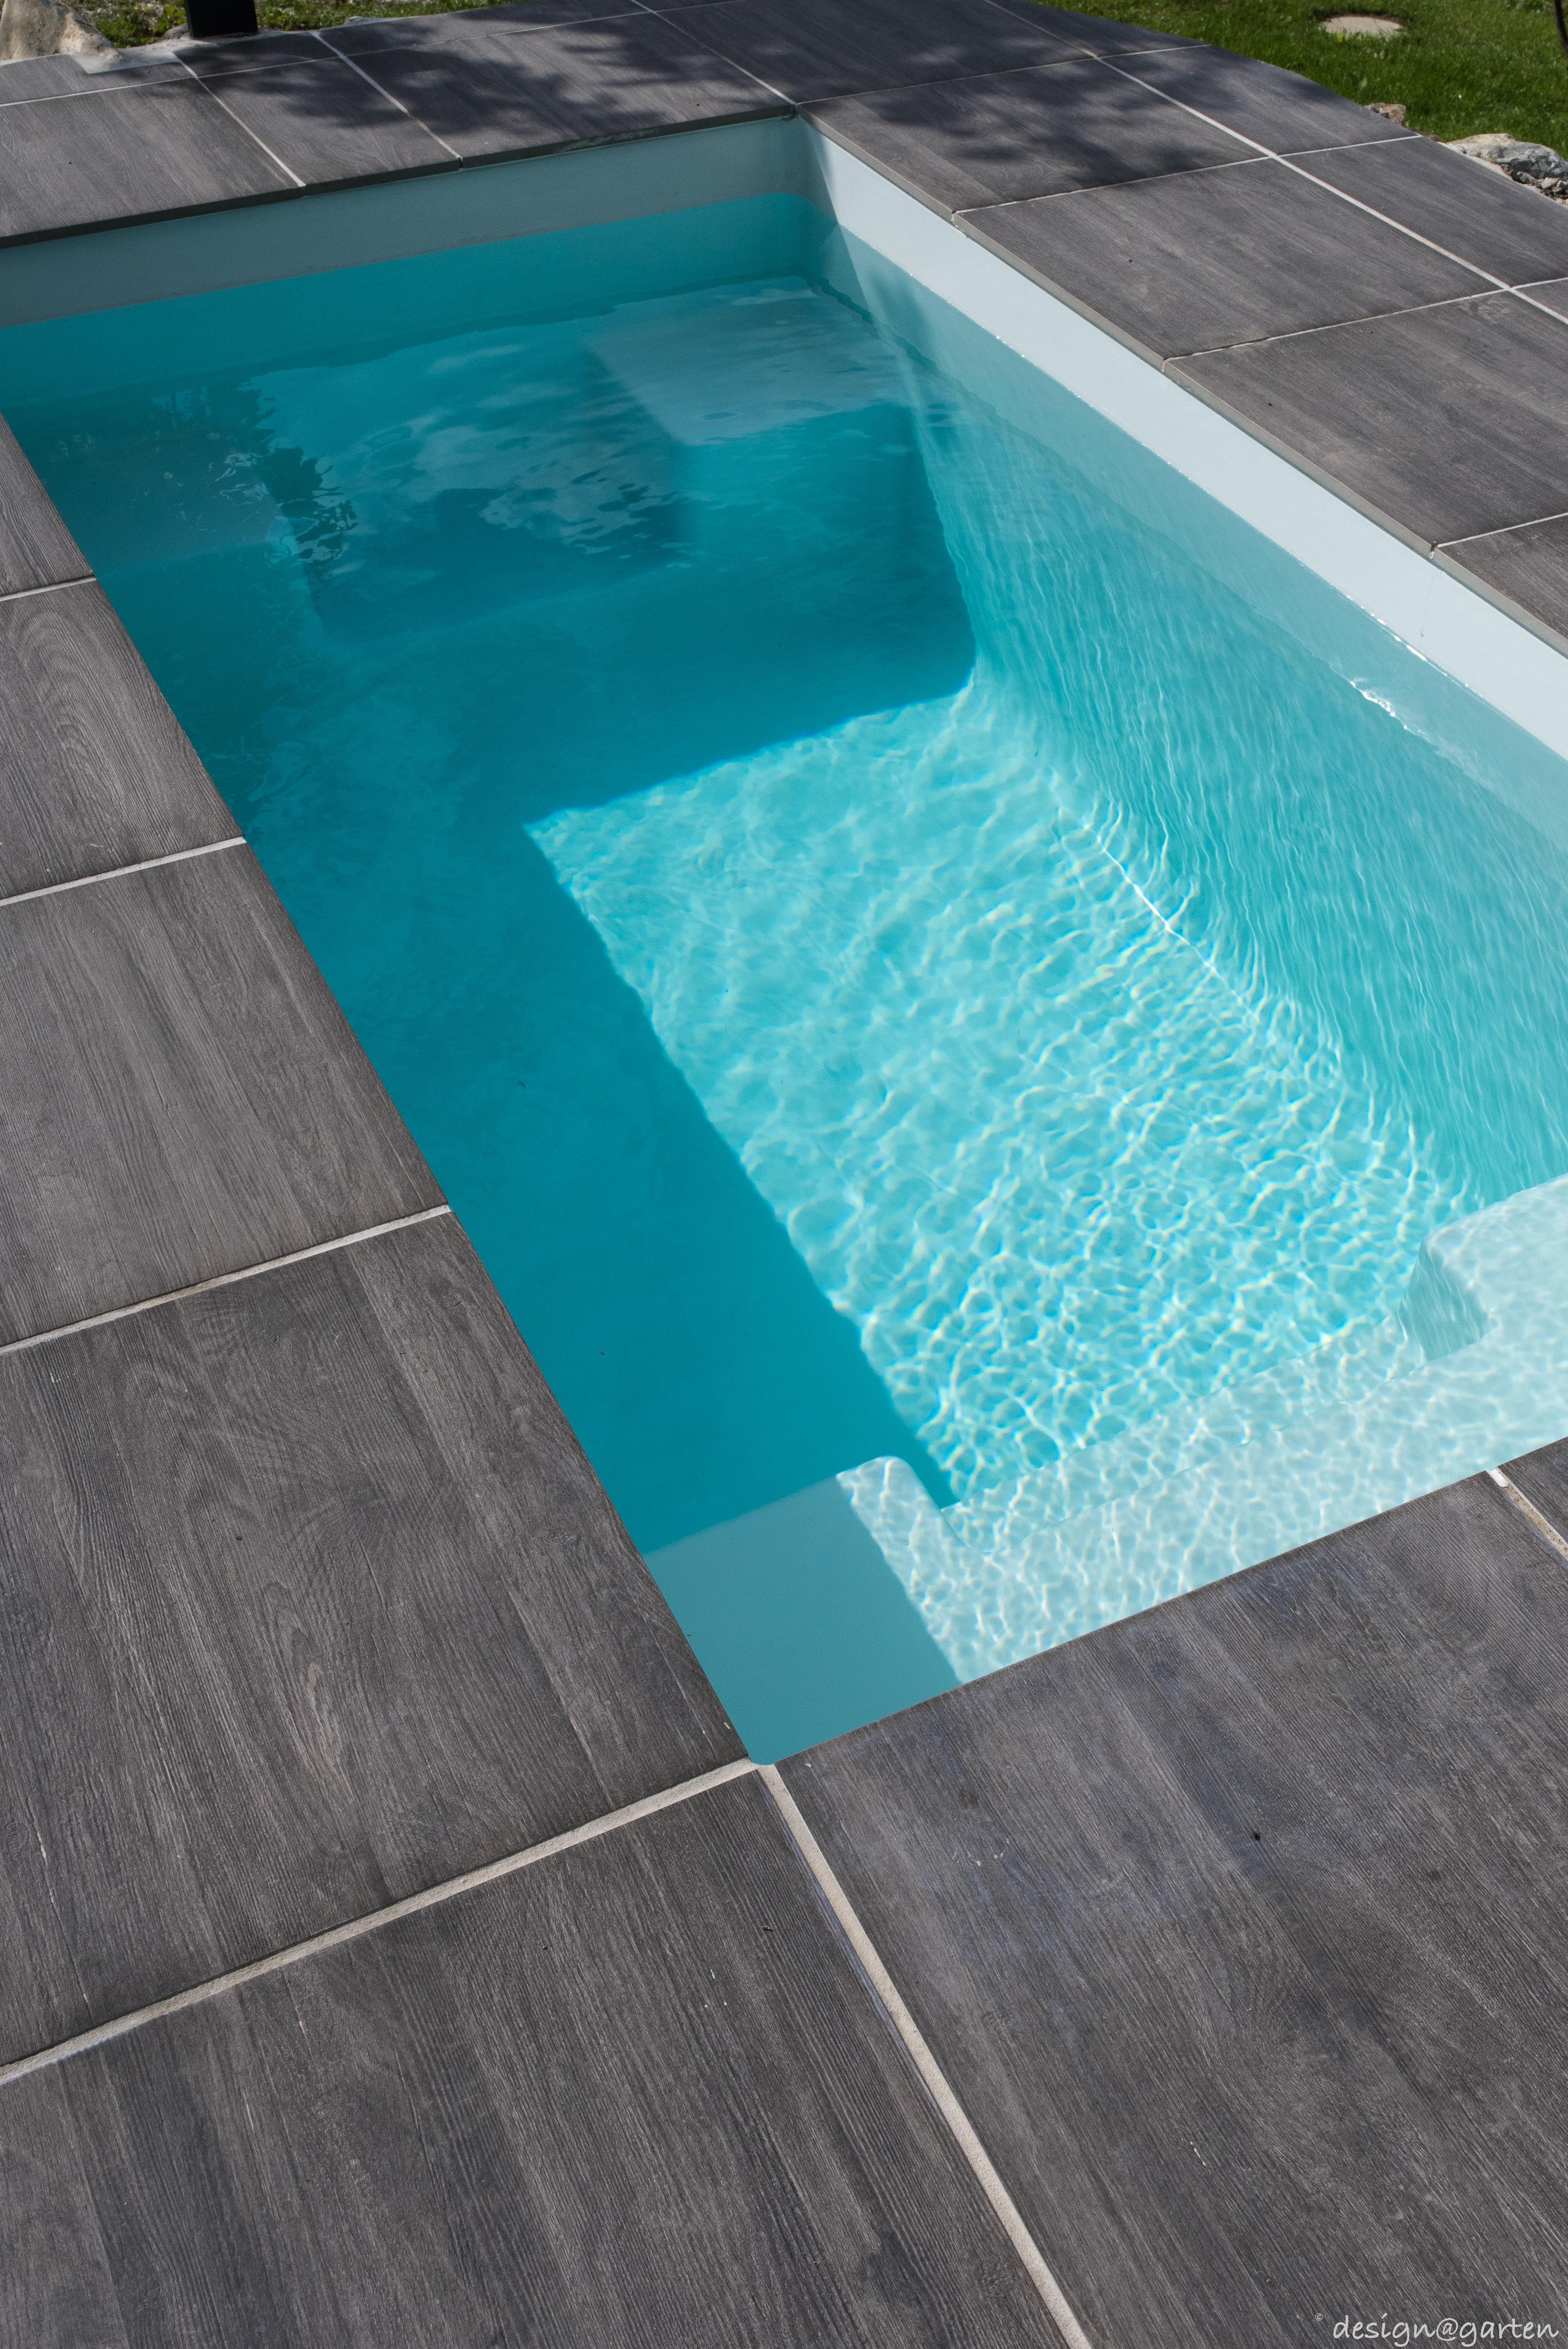 Kleiner Pool · Meersalzwassertauchbecken Von Design@garten, Augsburg    Germany #Minipool #Tauchbecken